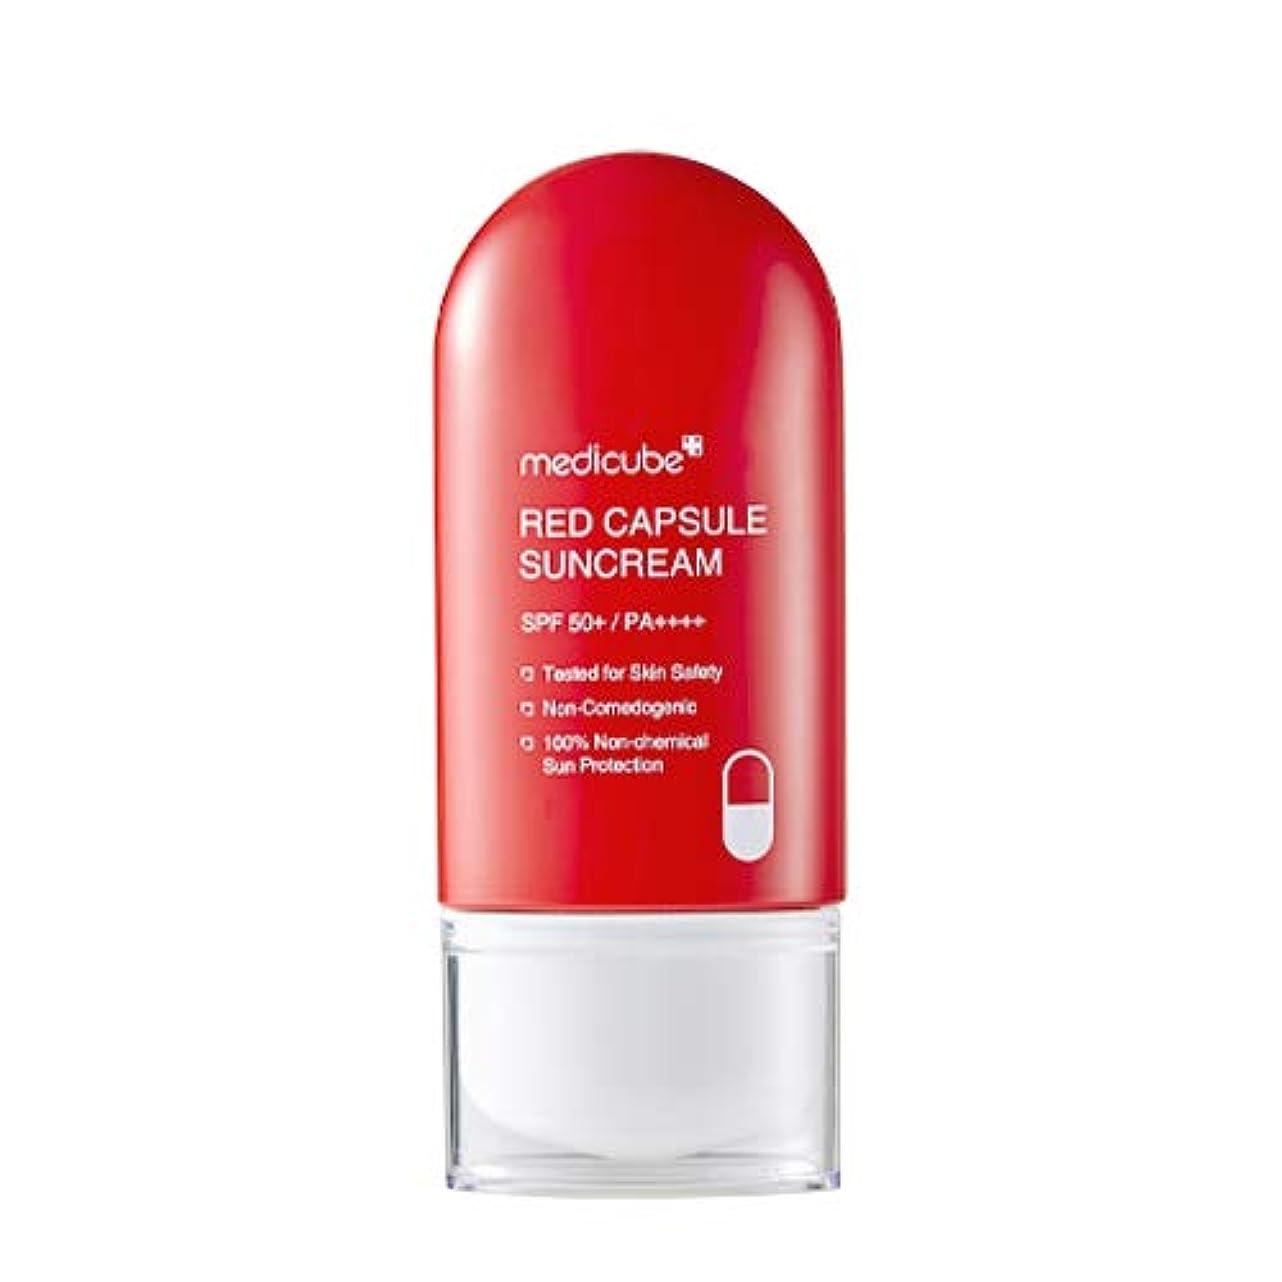 肉雲ペルメルメディキューブ日本公式(medicube) レッドカプセルサンクリーム MEDICUBE RED CAPSULE SUNCREAM 30g